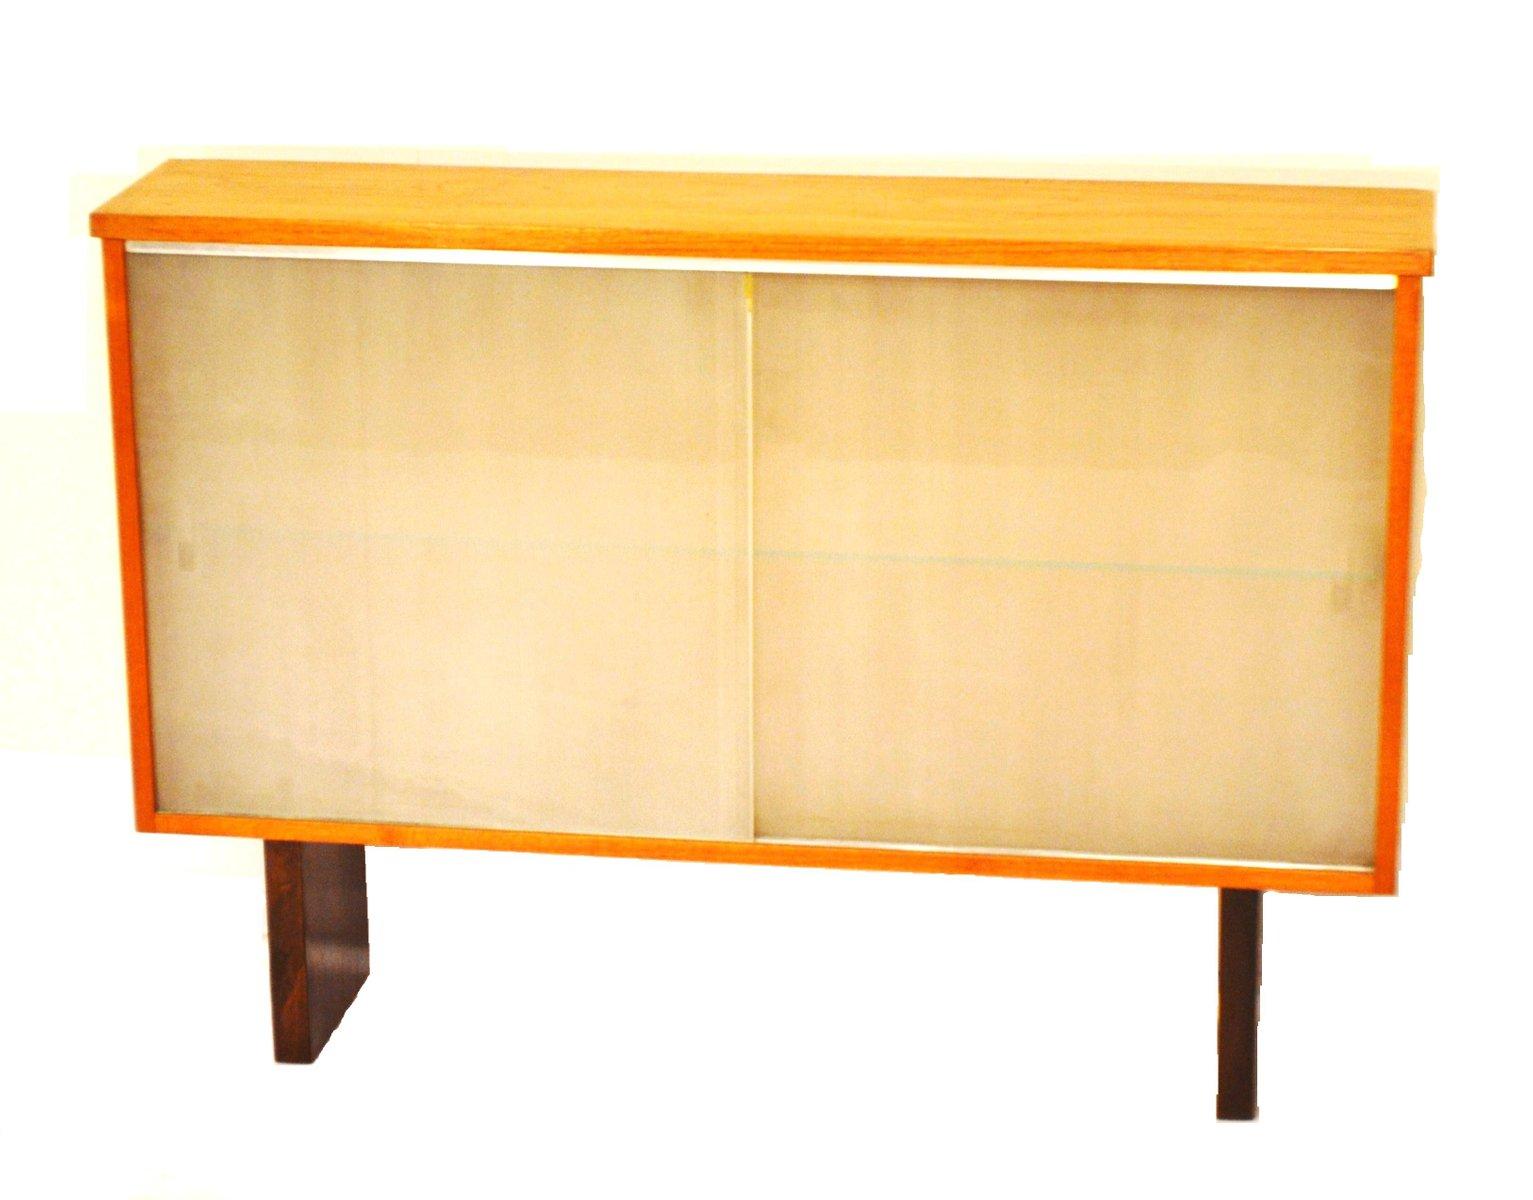 kleines niederl ndisches sideboard 1950er bei pamono kaufen. Black Bedroom Furniture Sets. Home Design Ideas